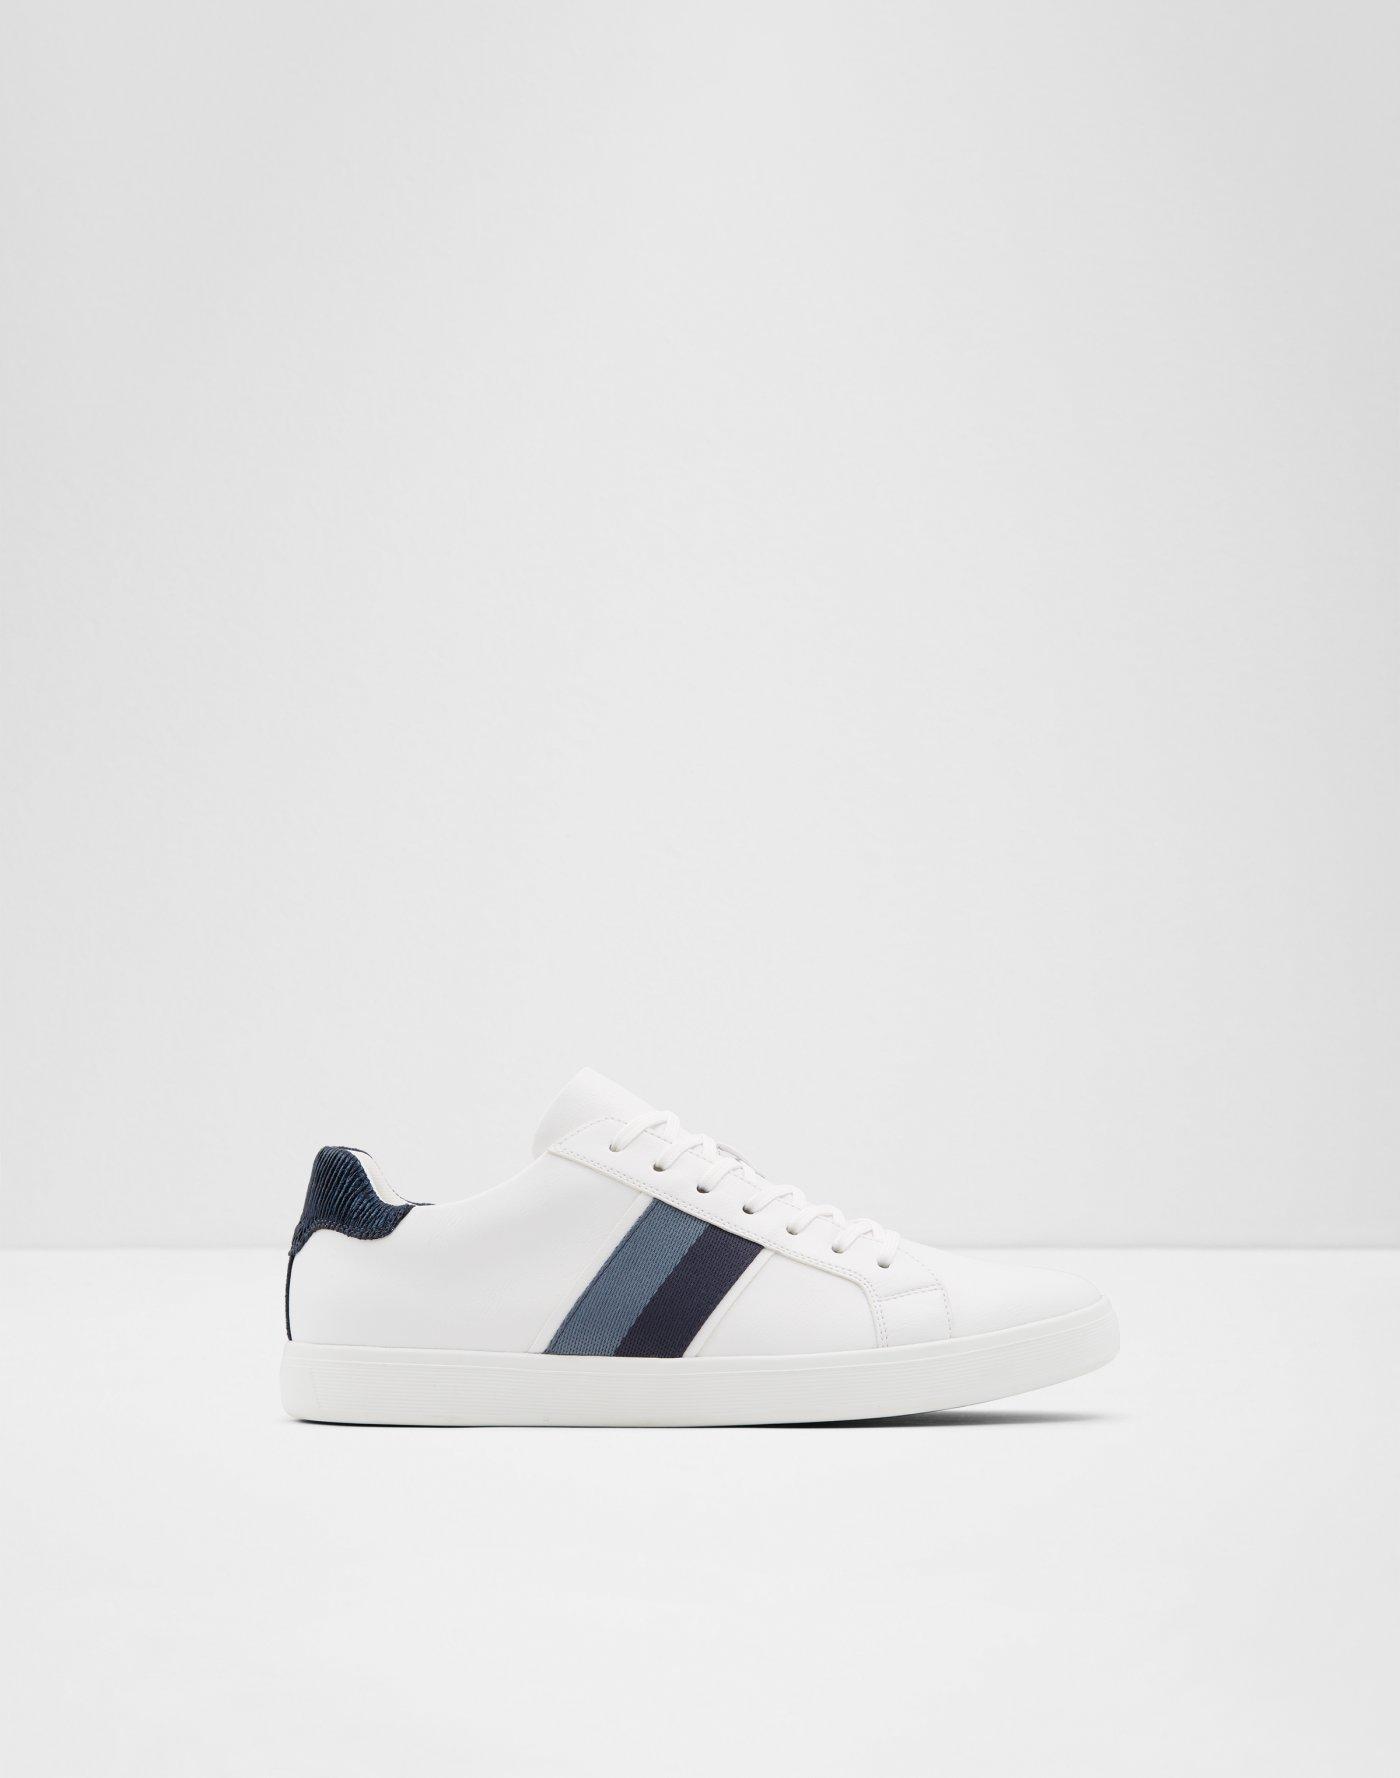 Men's Sneakers \u0026 Tennis Shoes   Fashion